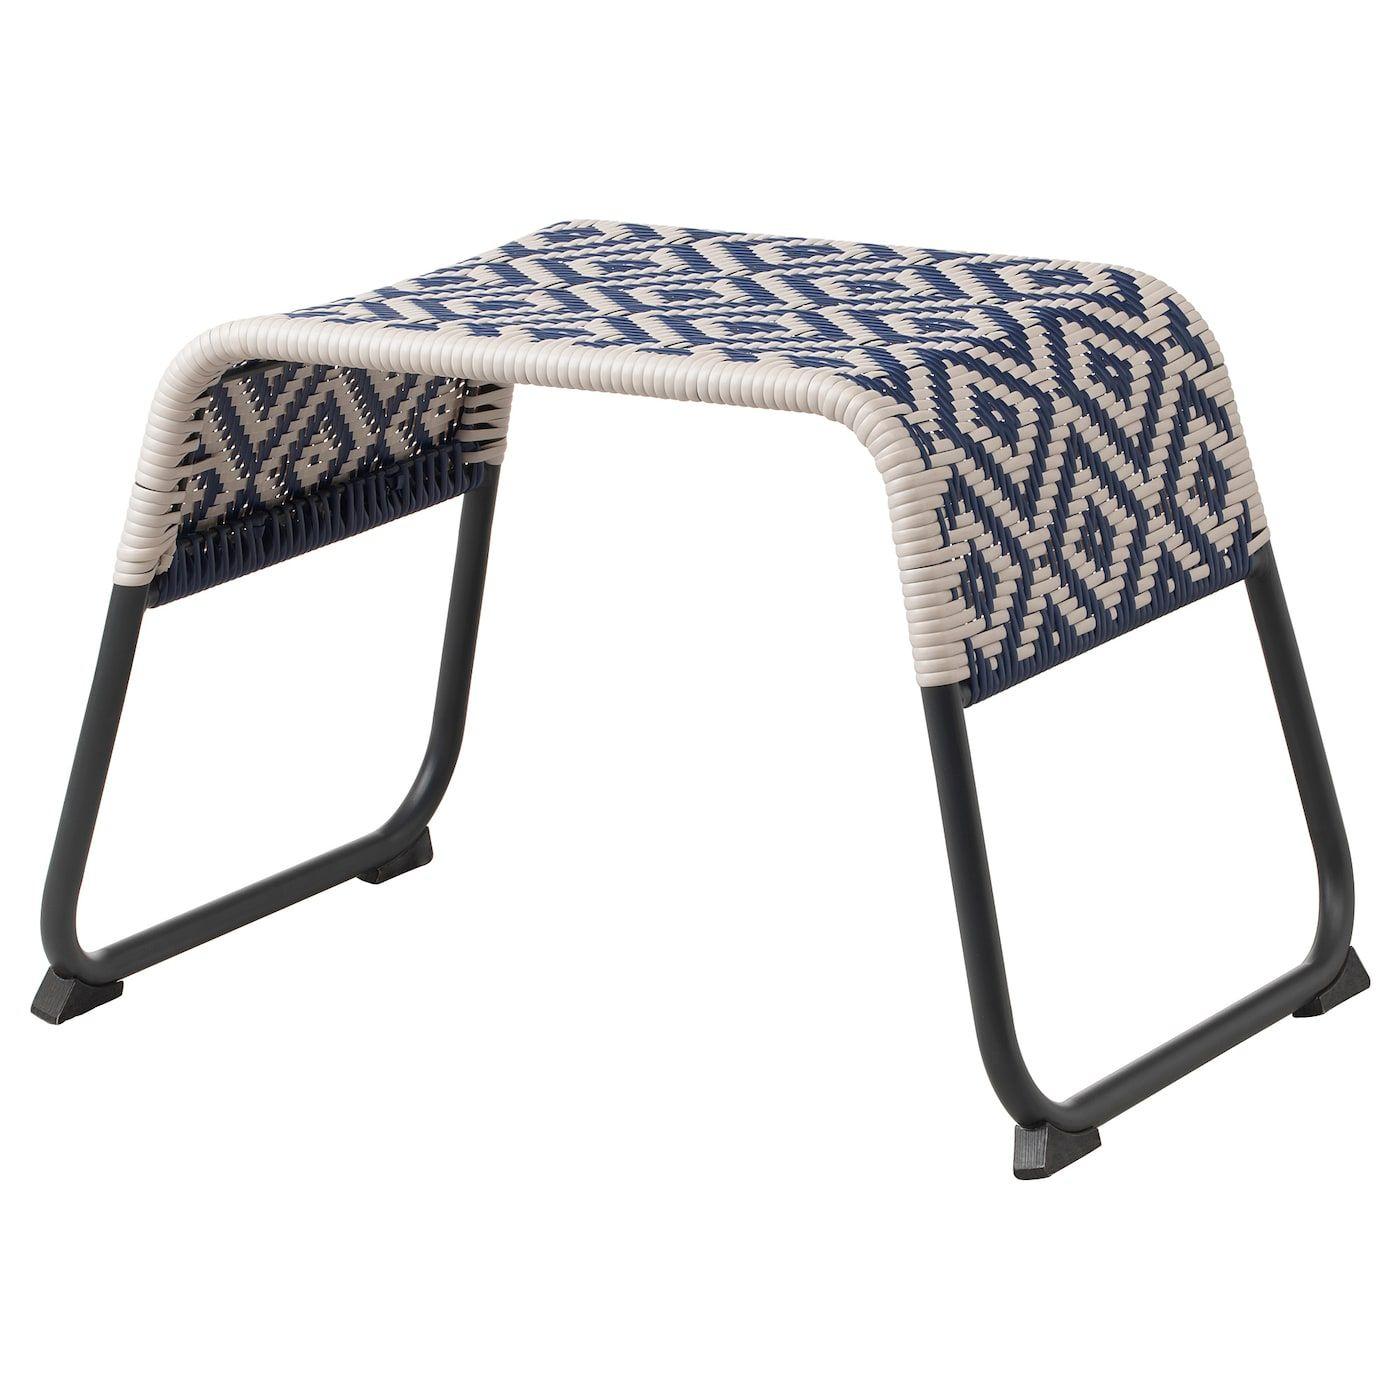 Överallt Repose-Pieds - Extérieur Bleu - Ikea | Repose Pieds ... dedans Siege Jardin Ikea